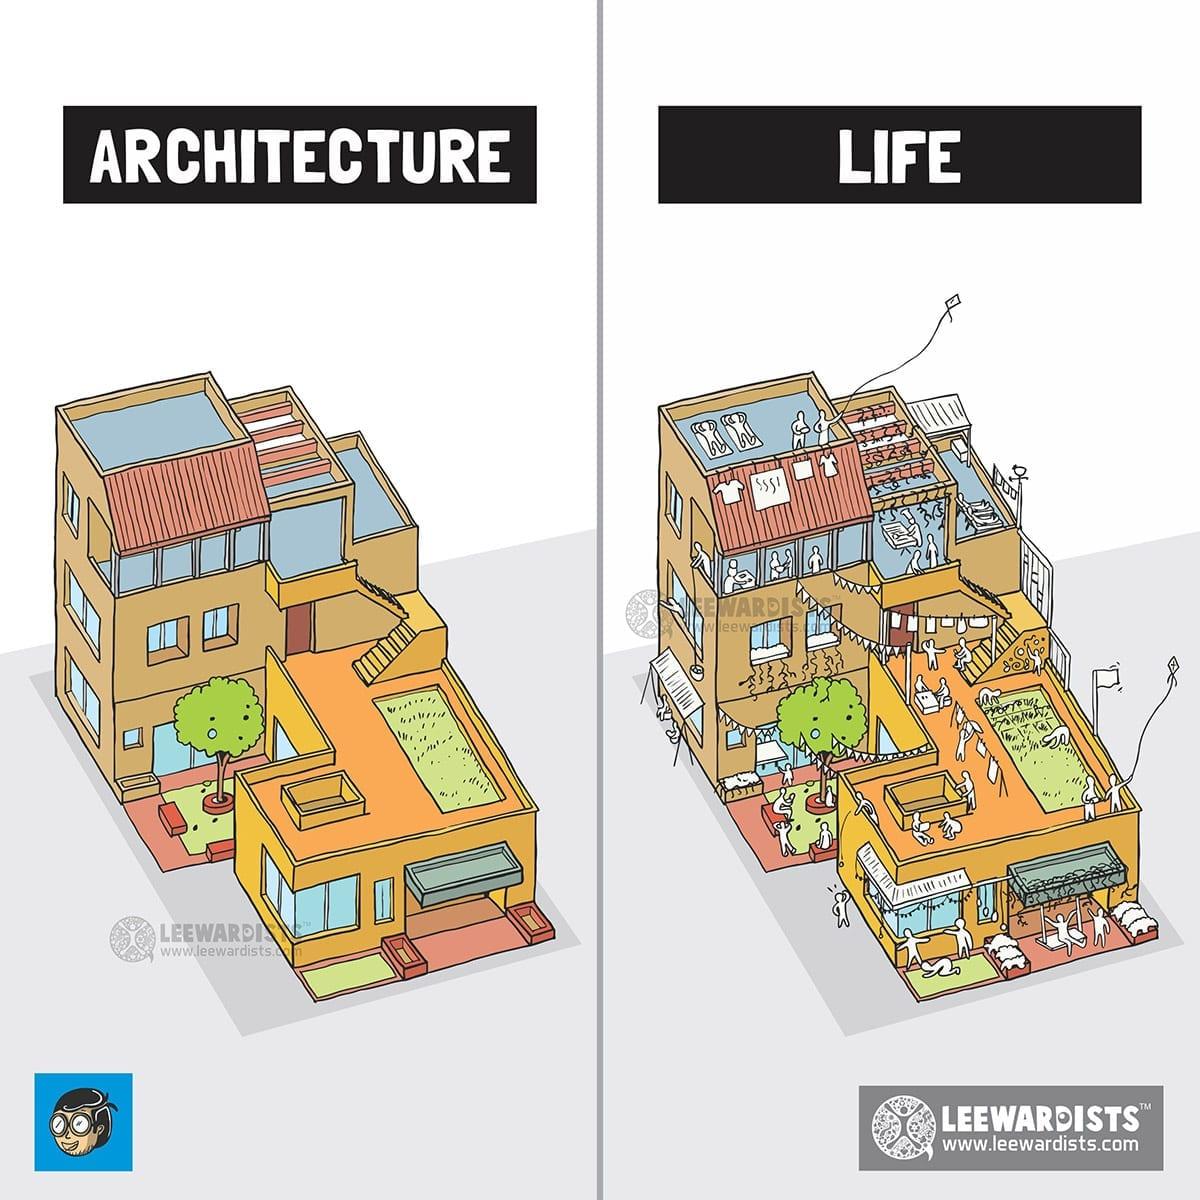 architecturelife-1-